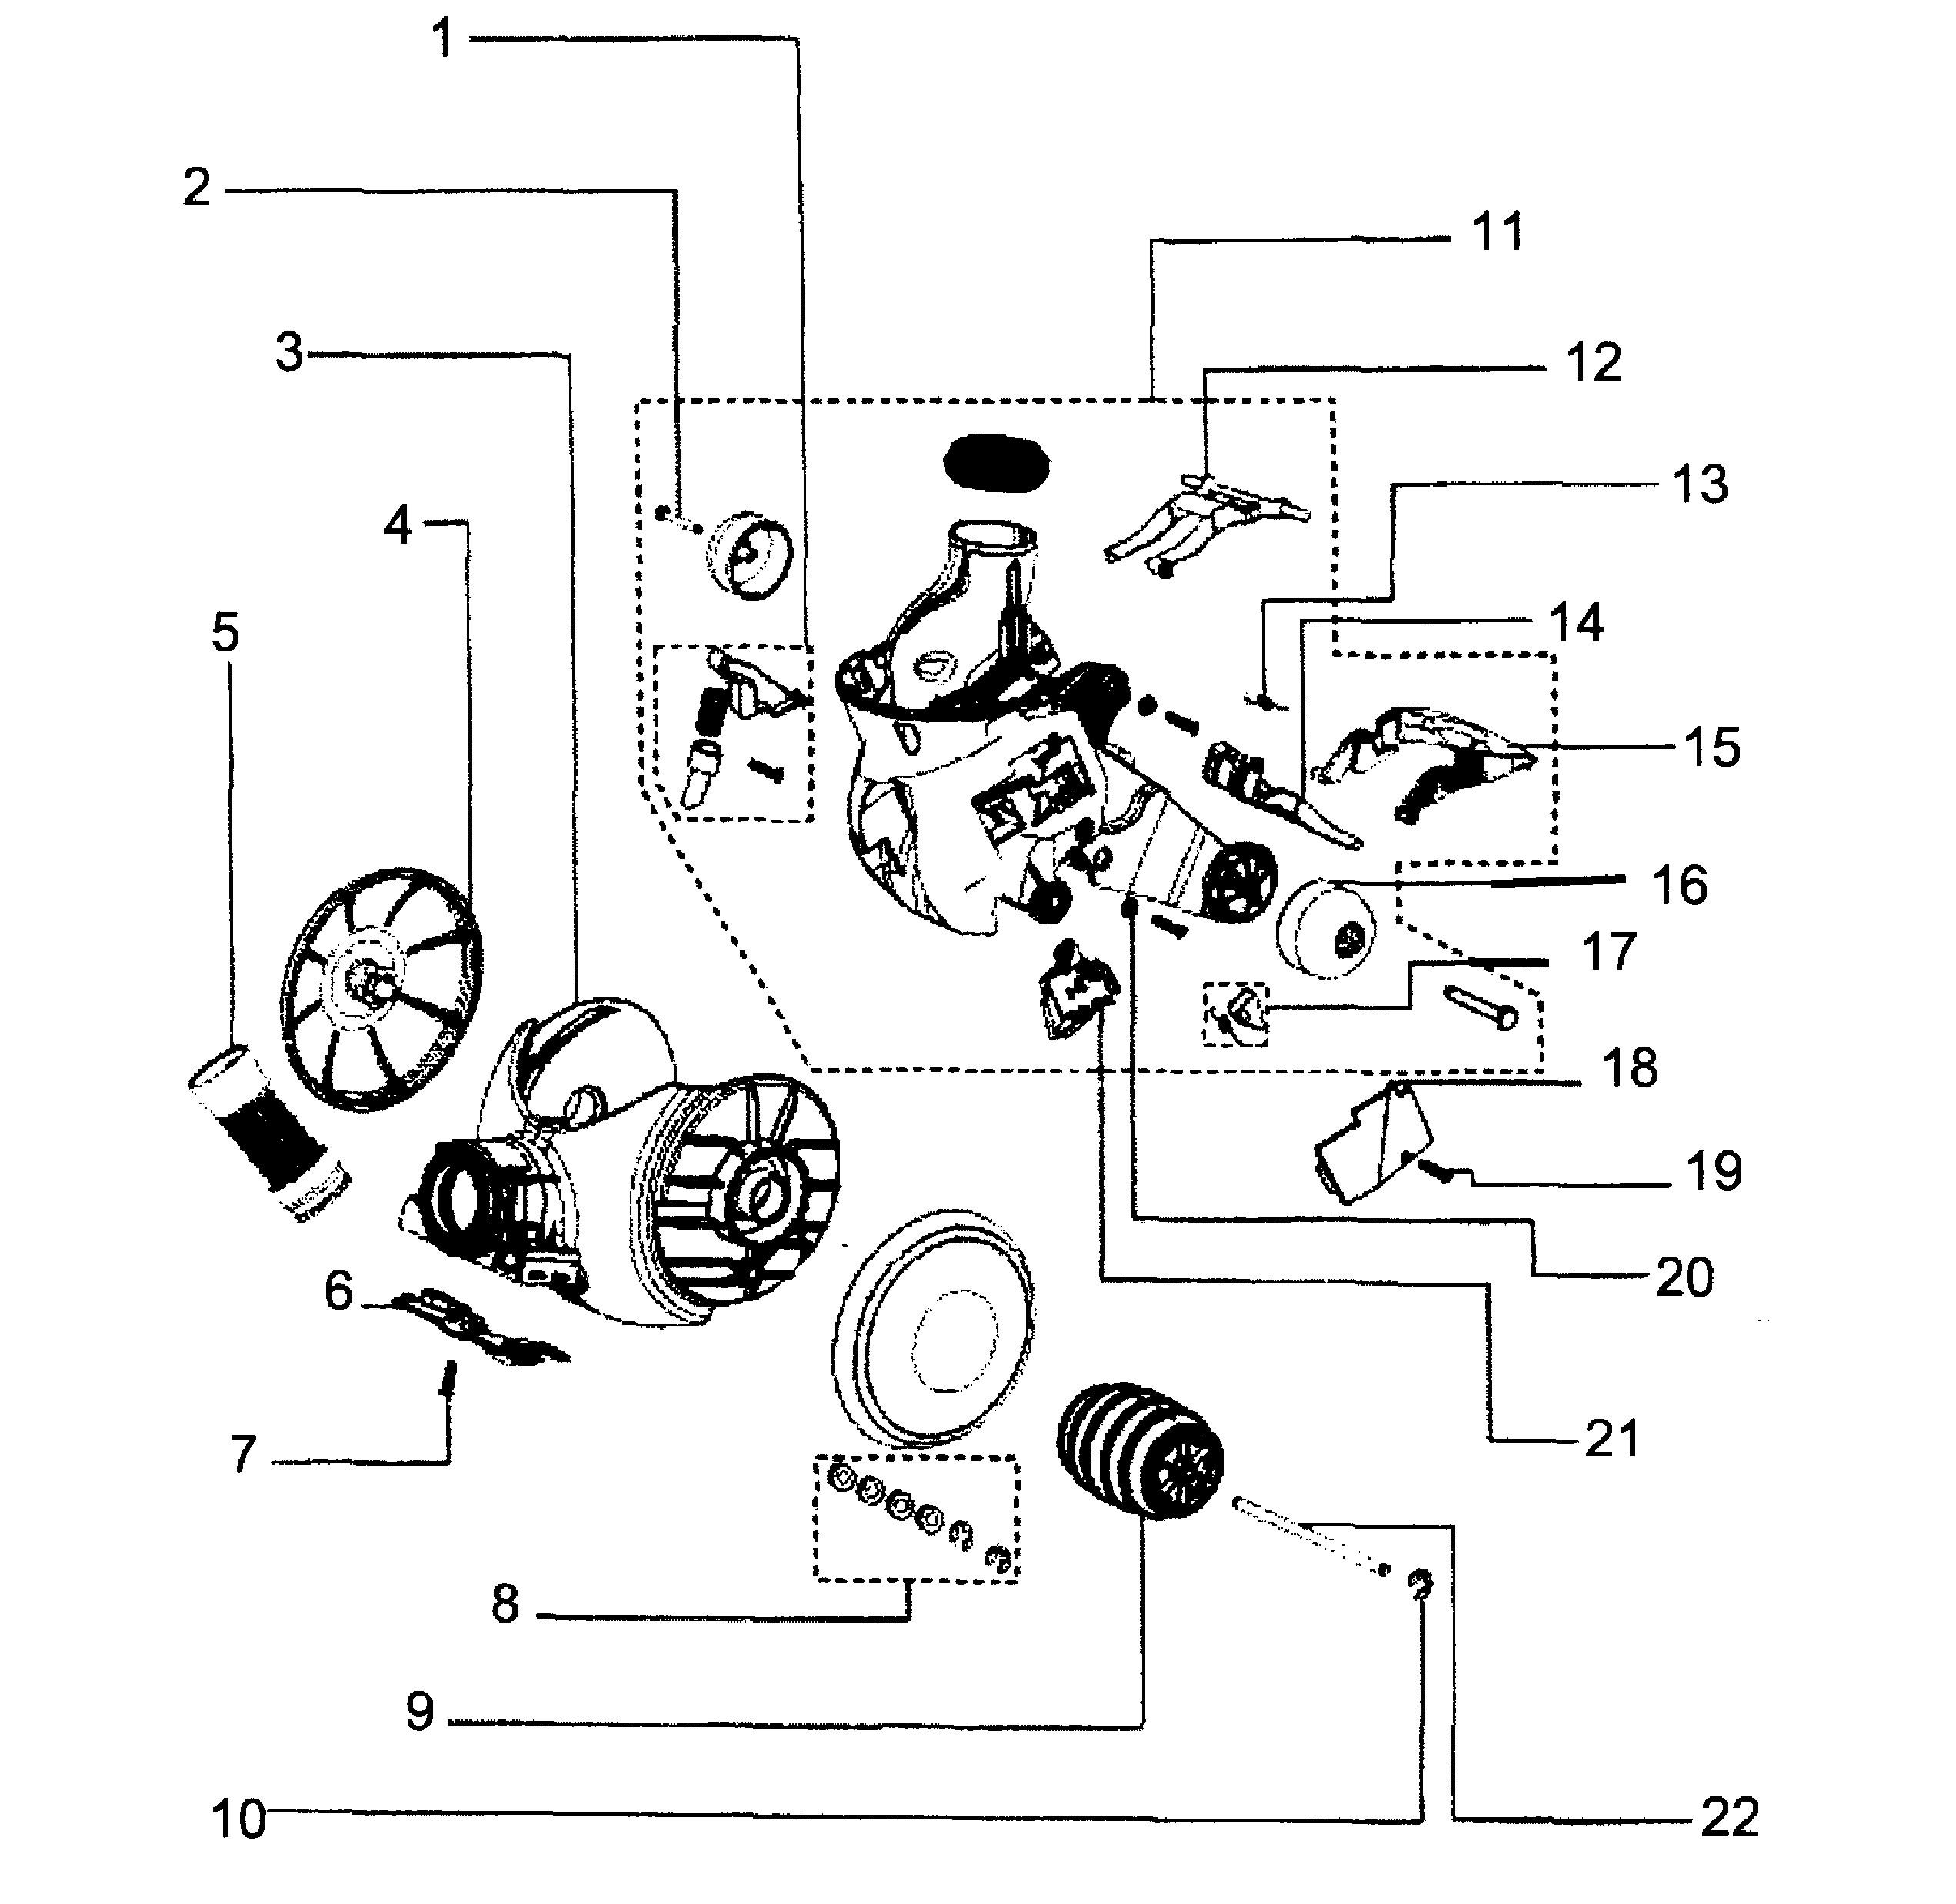 Dyson Dc18 Parts Diagram Dyson Model Dc18 Vacuum Upright Genuine Parts Of Dyson Dc18 Parts Diagram